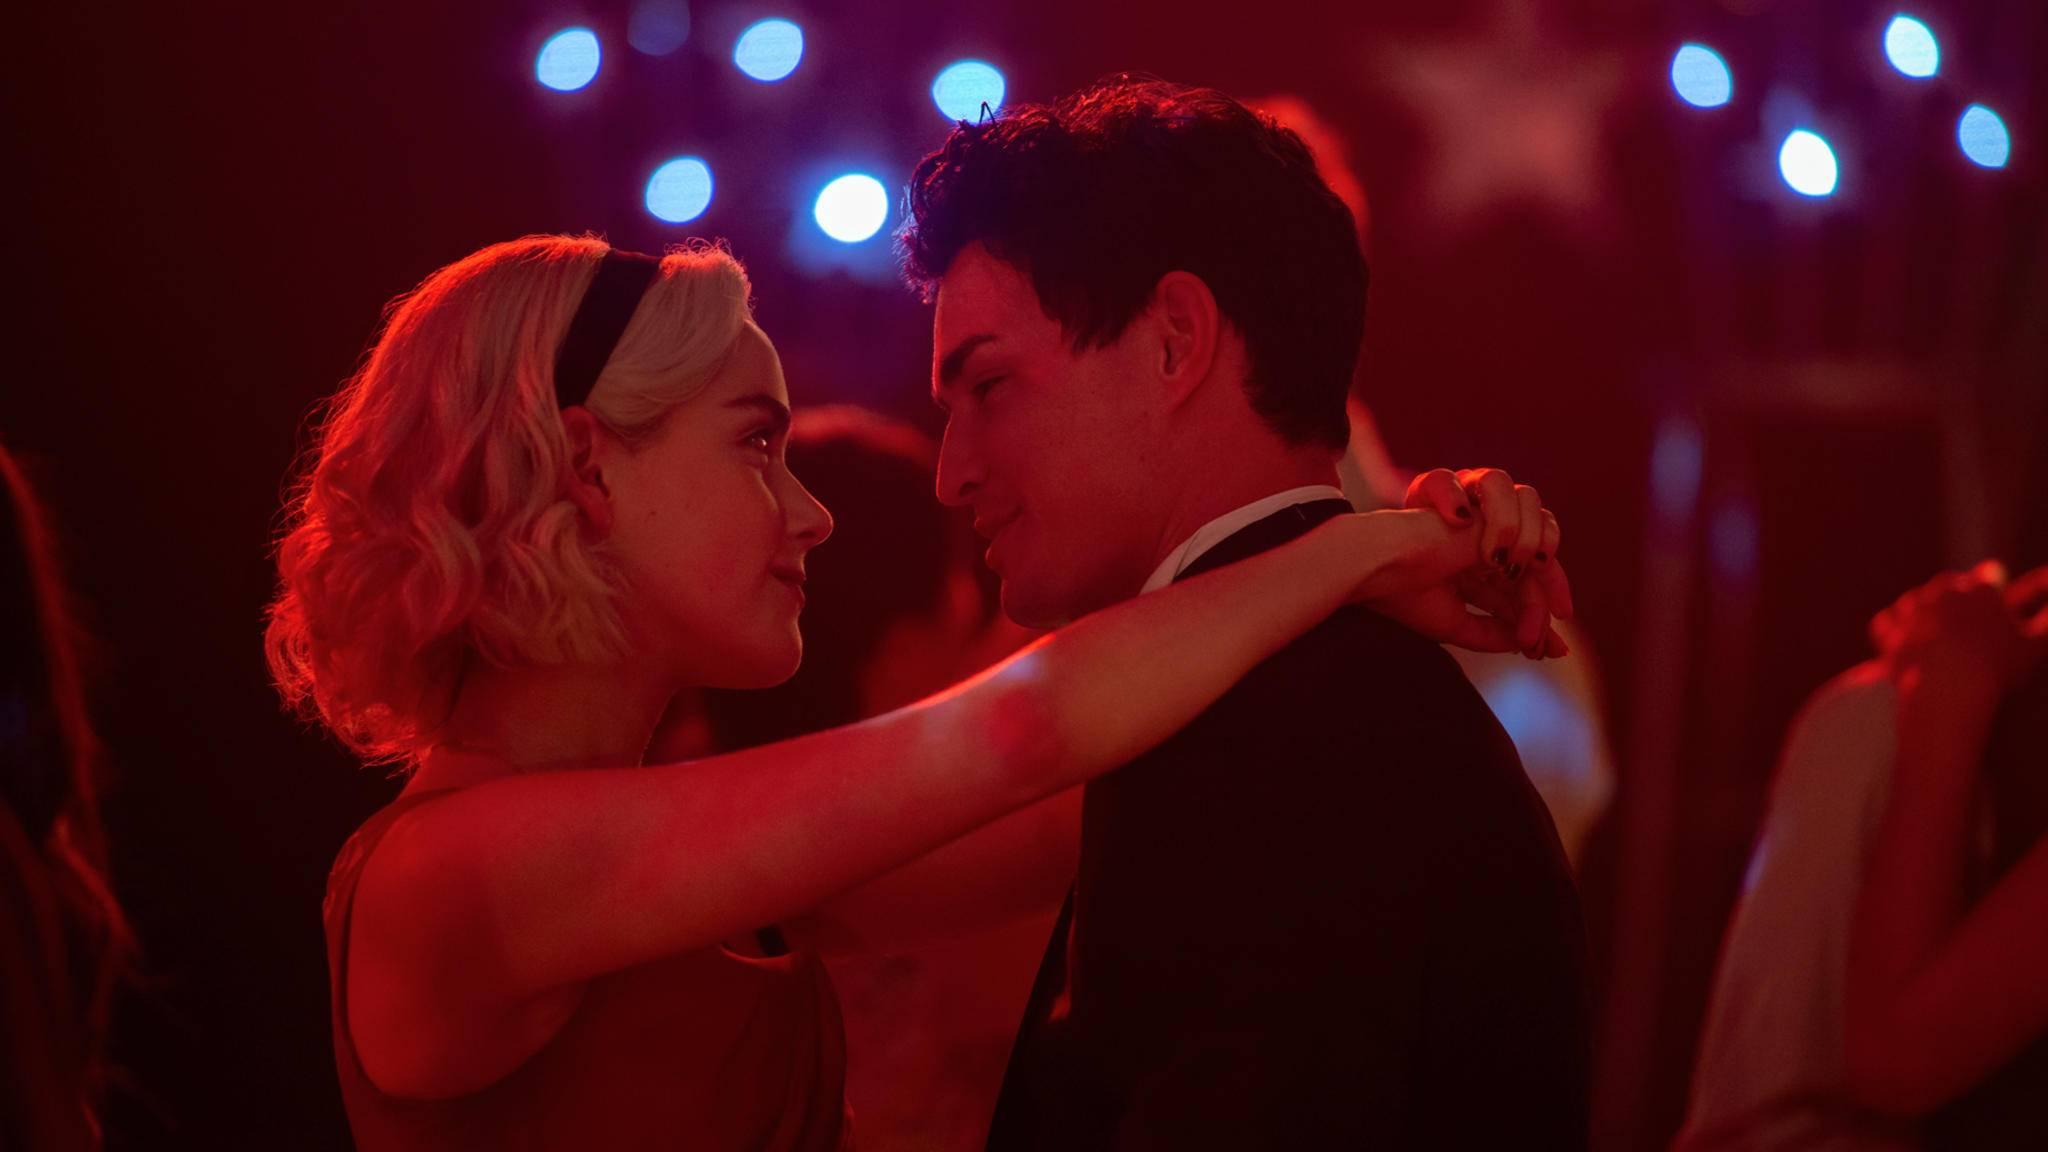 Sabrina setzt Himmel und Hölle in Bewegung, um Nick zurückzuholen – im wahrsten Sinne des Wortes.